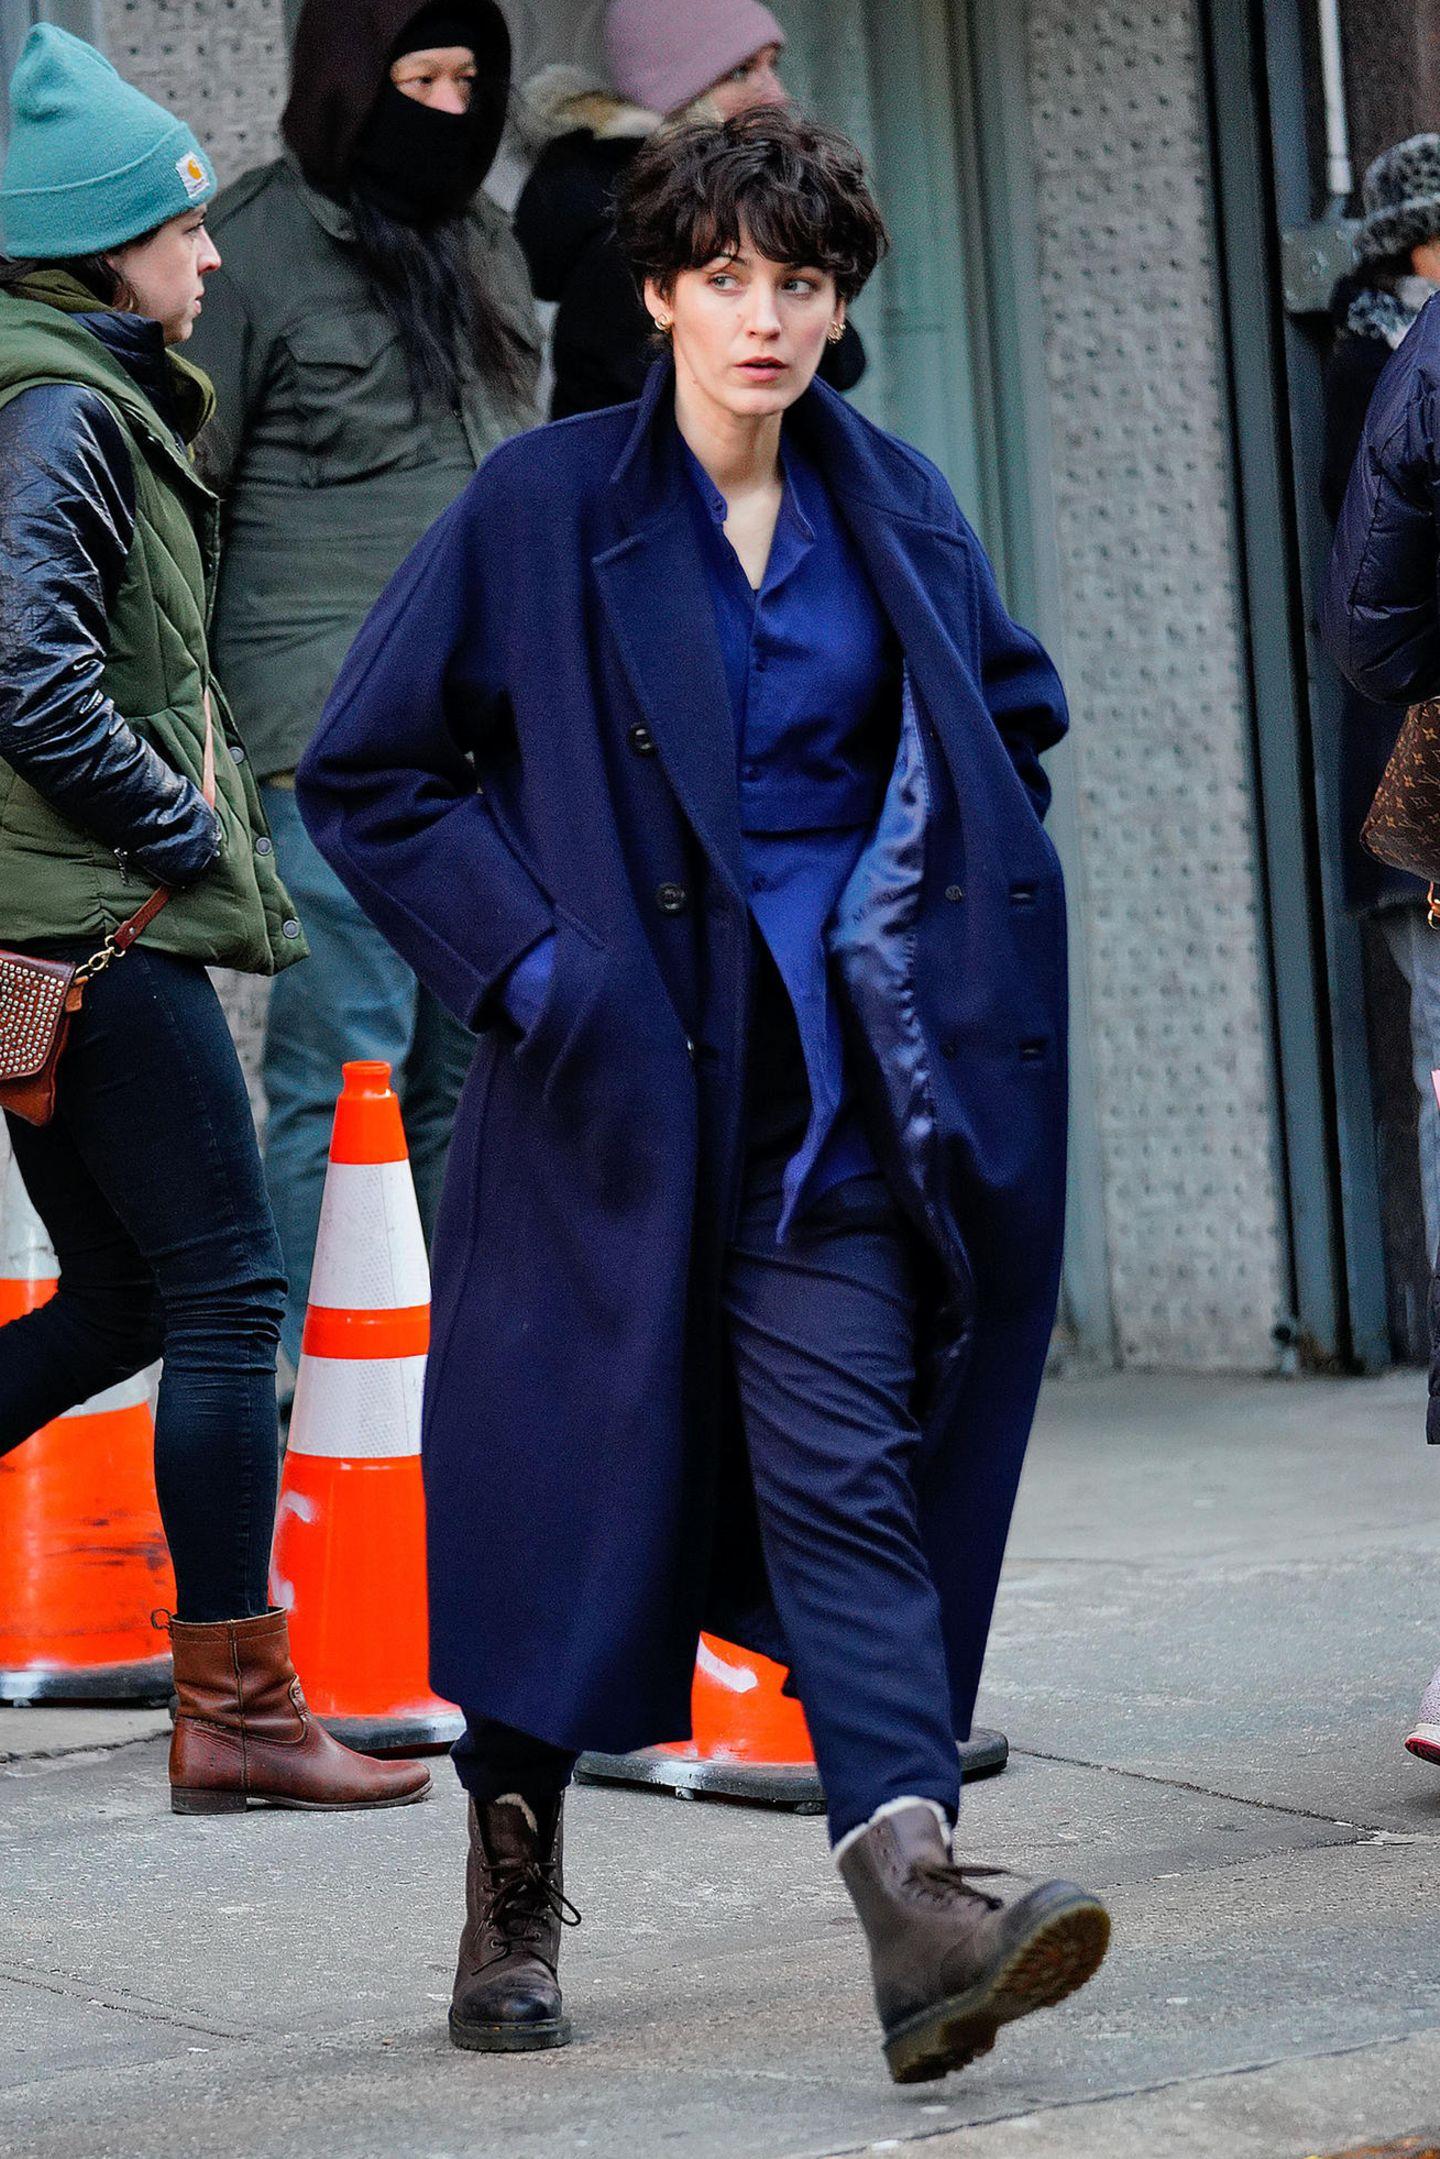 Nicht nur den eleganten Retro-Look zeigt Blake Lively bei den Dreharbeiten in New York, sondern auch diesen burschikosen mit dunkler Kurzhaarperücke, mit der sie kaum zu erkennen ist.